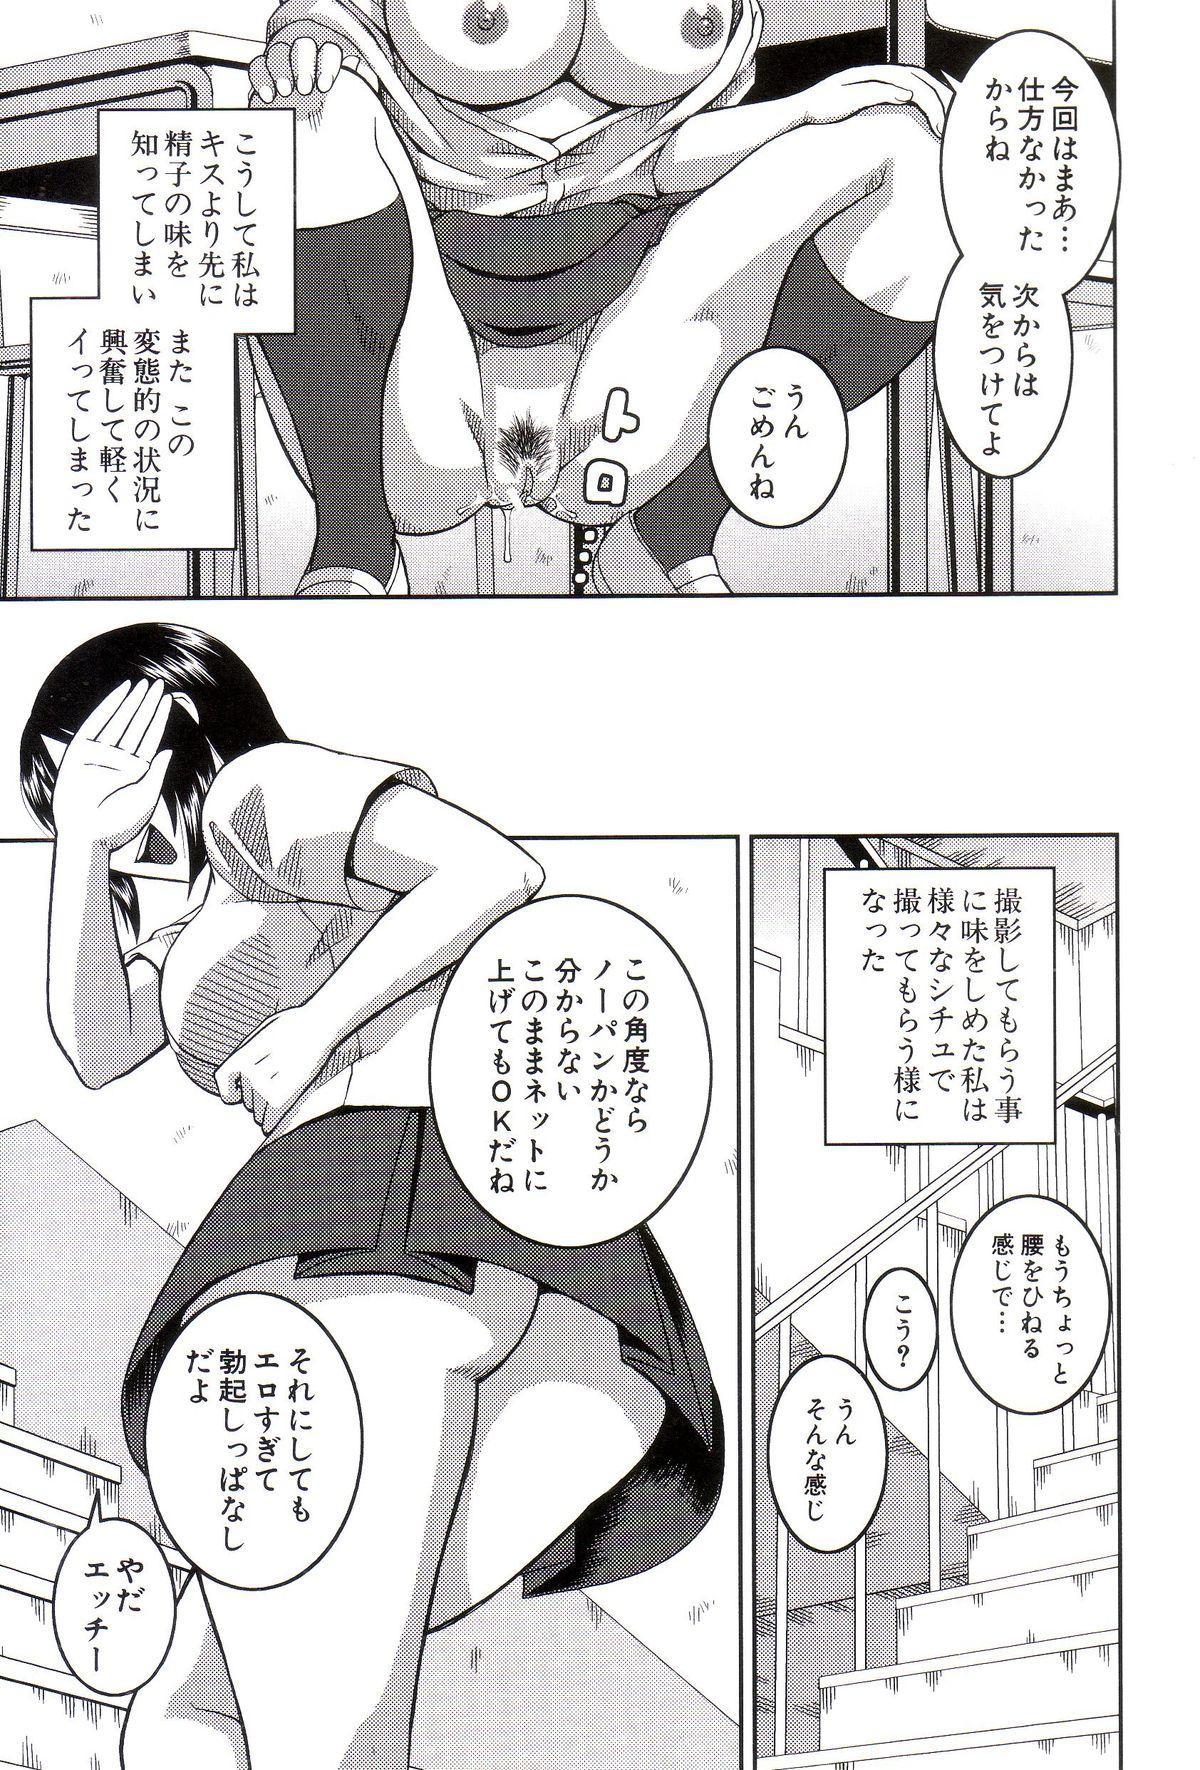 Roshutsukyou Hentai Hakusho 175